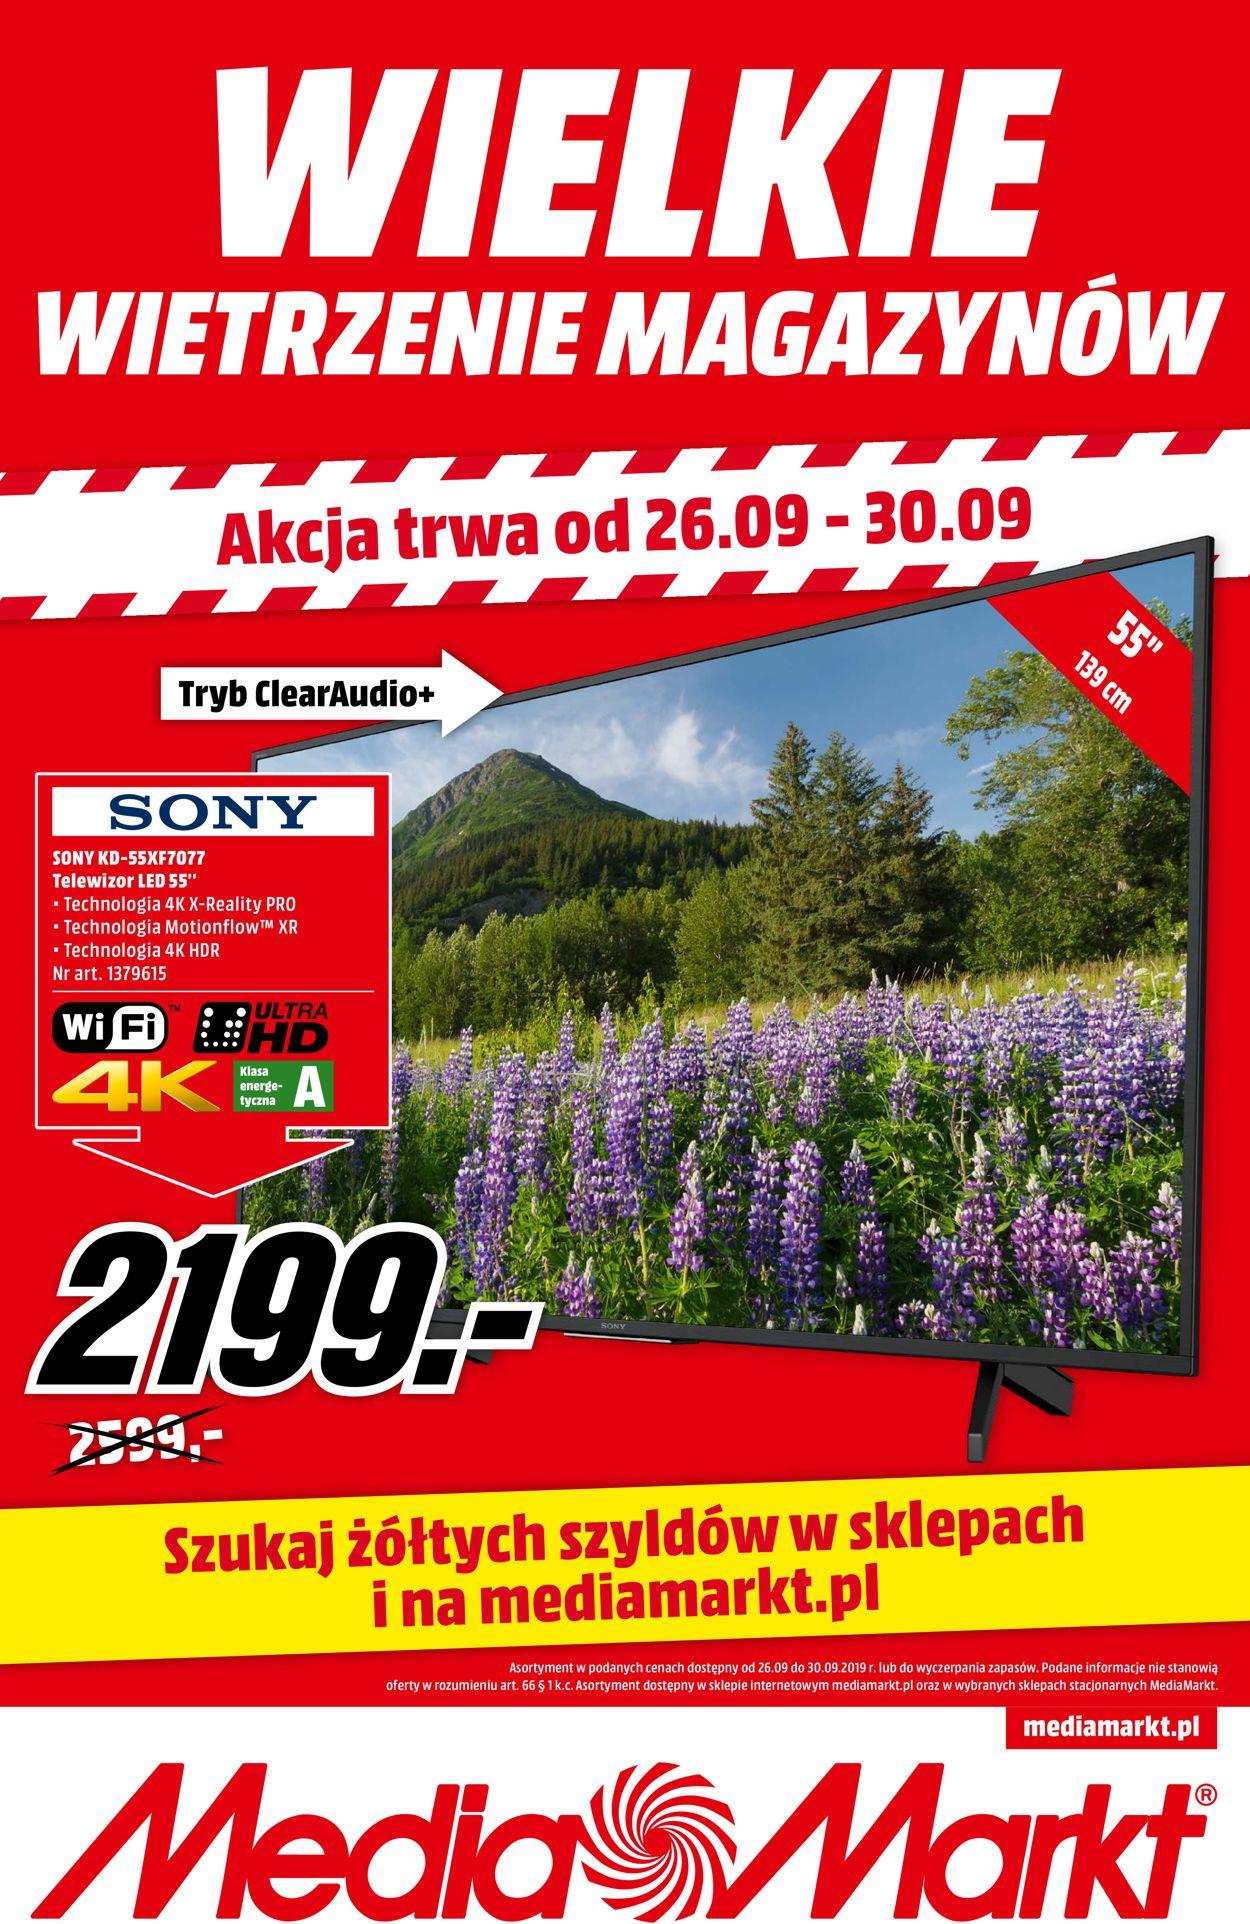 Gazetka promocyjna Media Markt - 26.09-30.09.2019